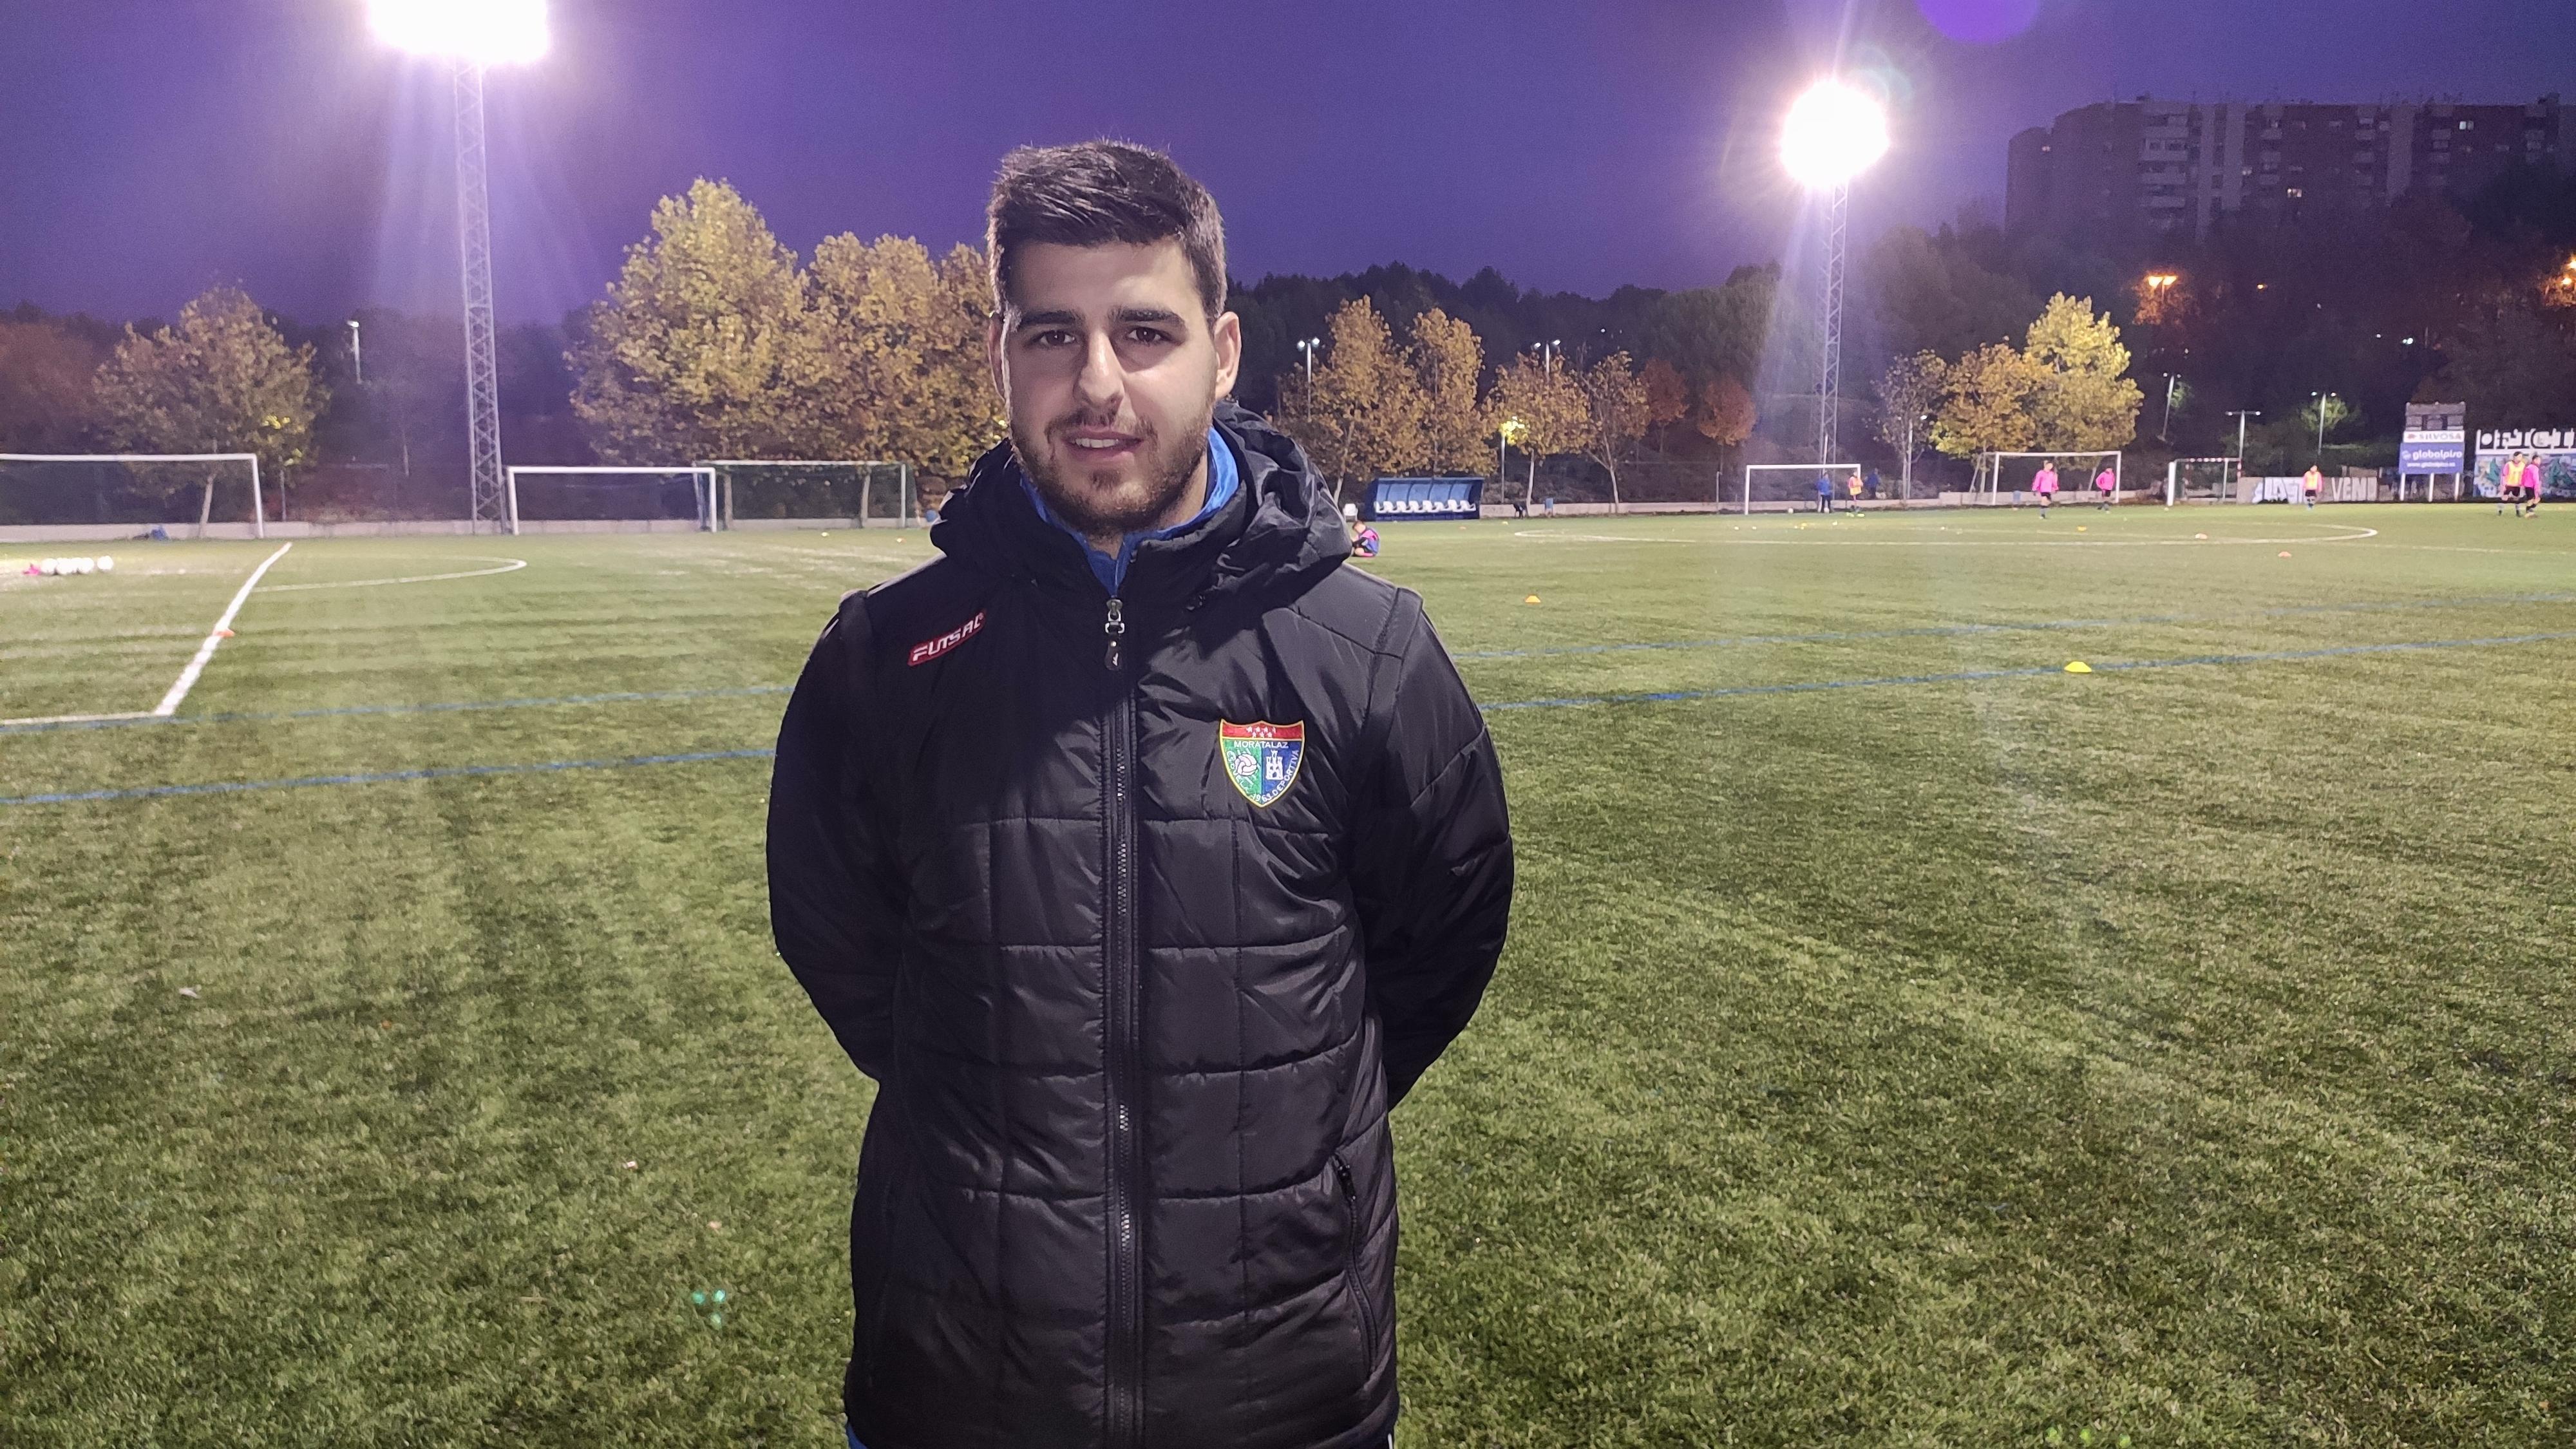 Entrevista | Tores: «Mi primer día en el fútbol lo recuerdo muy especial… A día de hoy mis mejores amigos son de aquel equipo en el que empecé.»